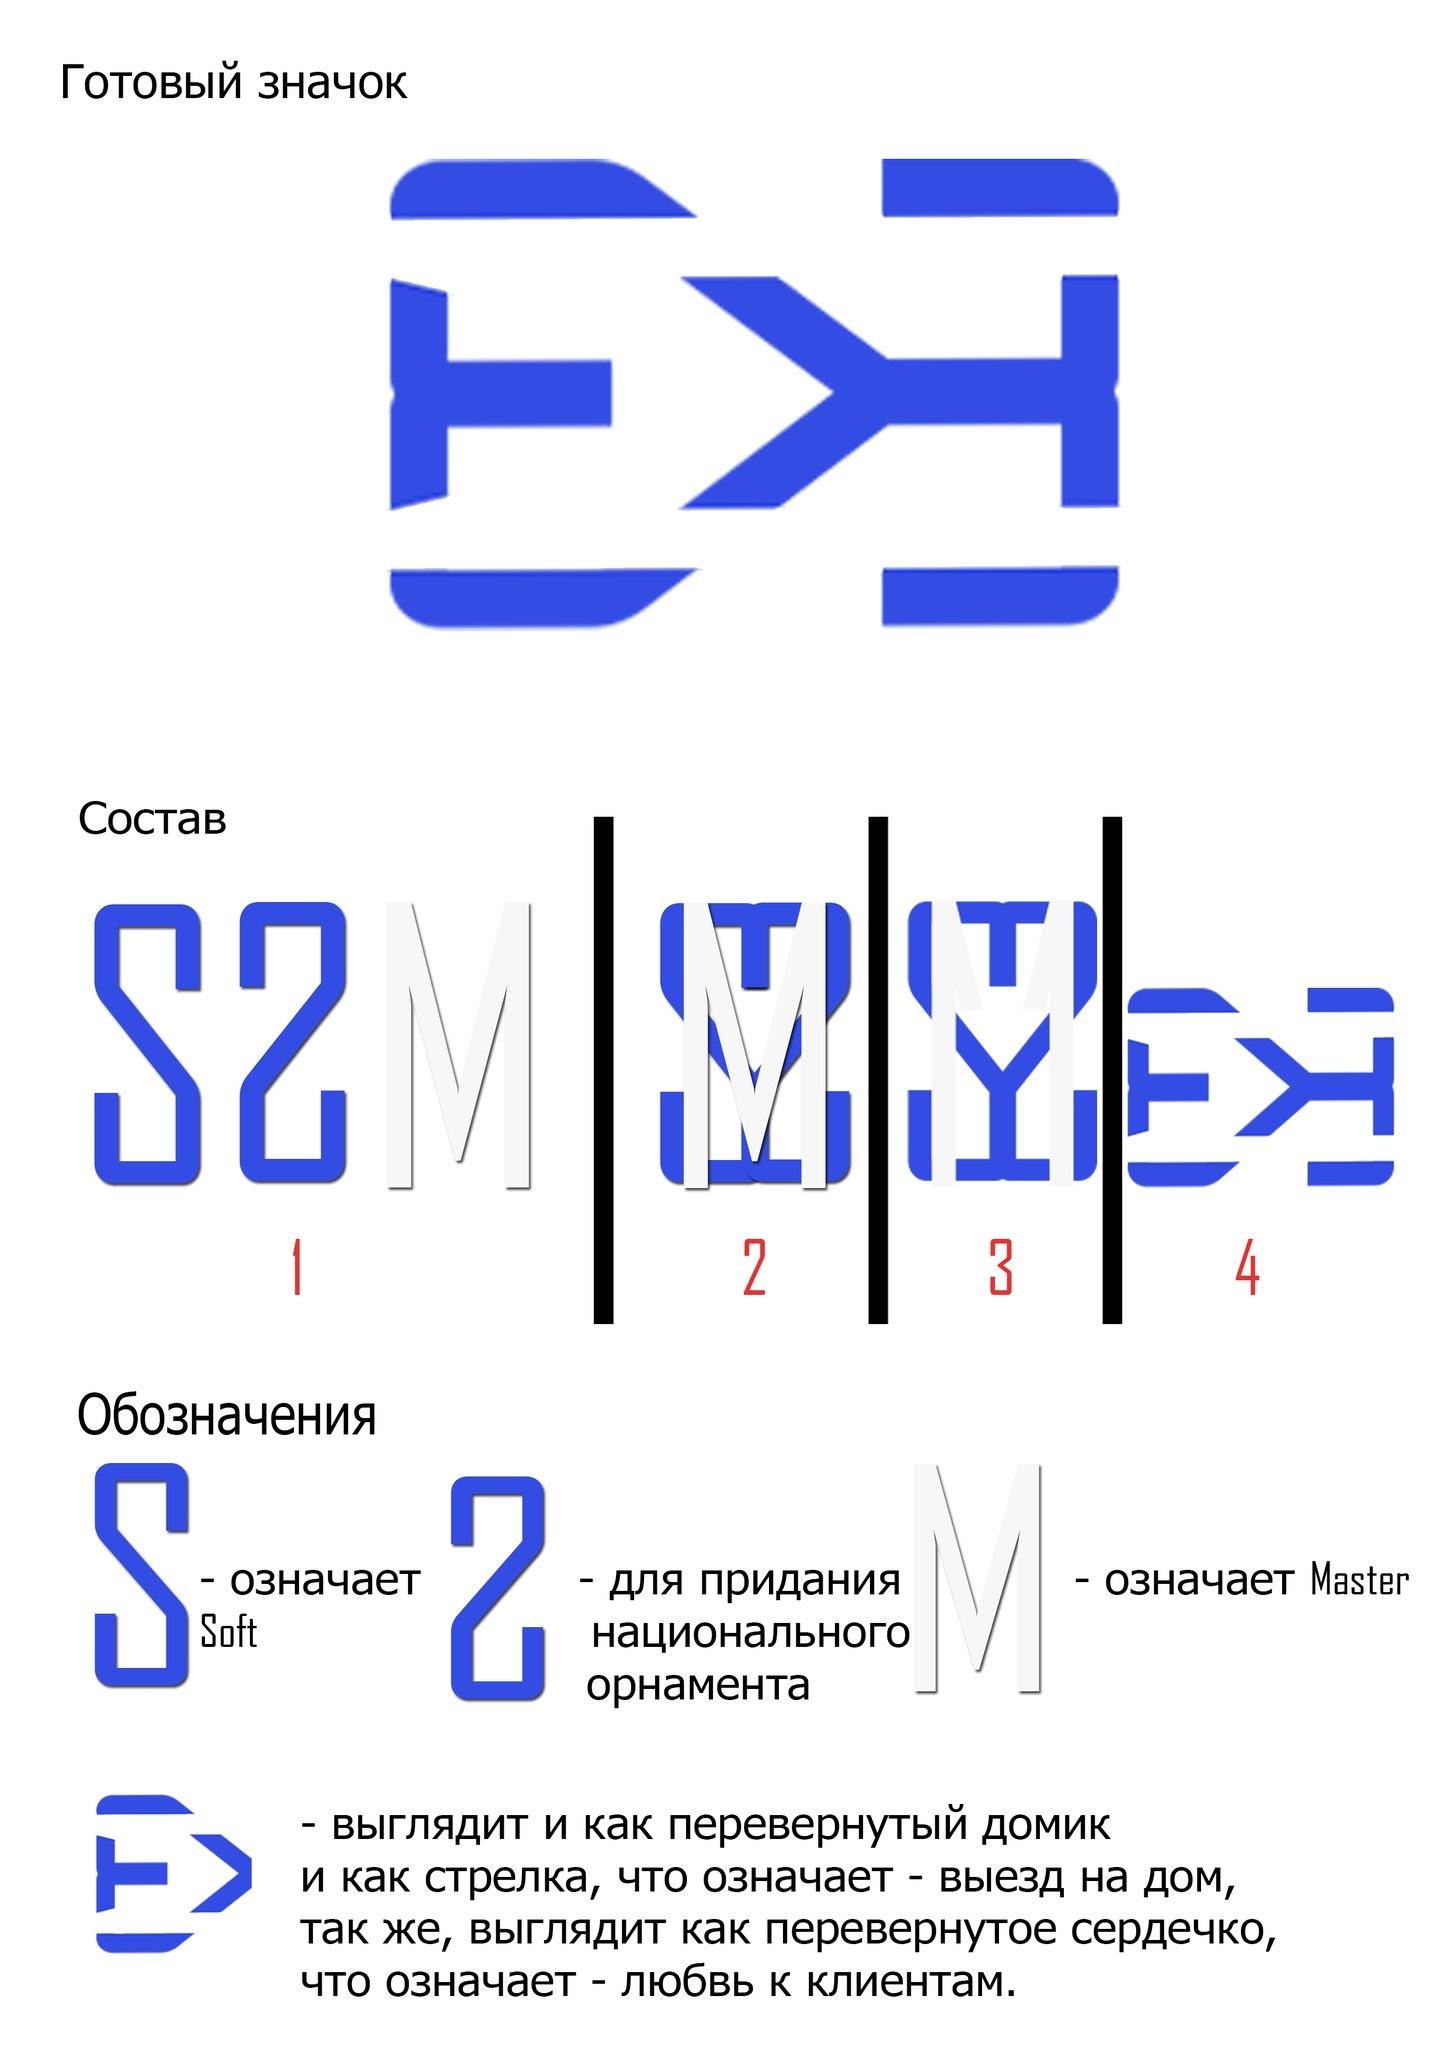 Логотип компании SOFTMASTER95